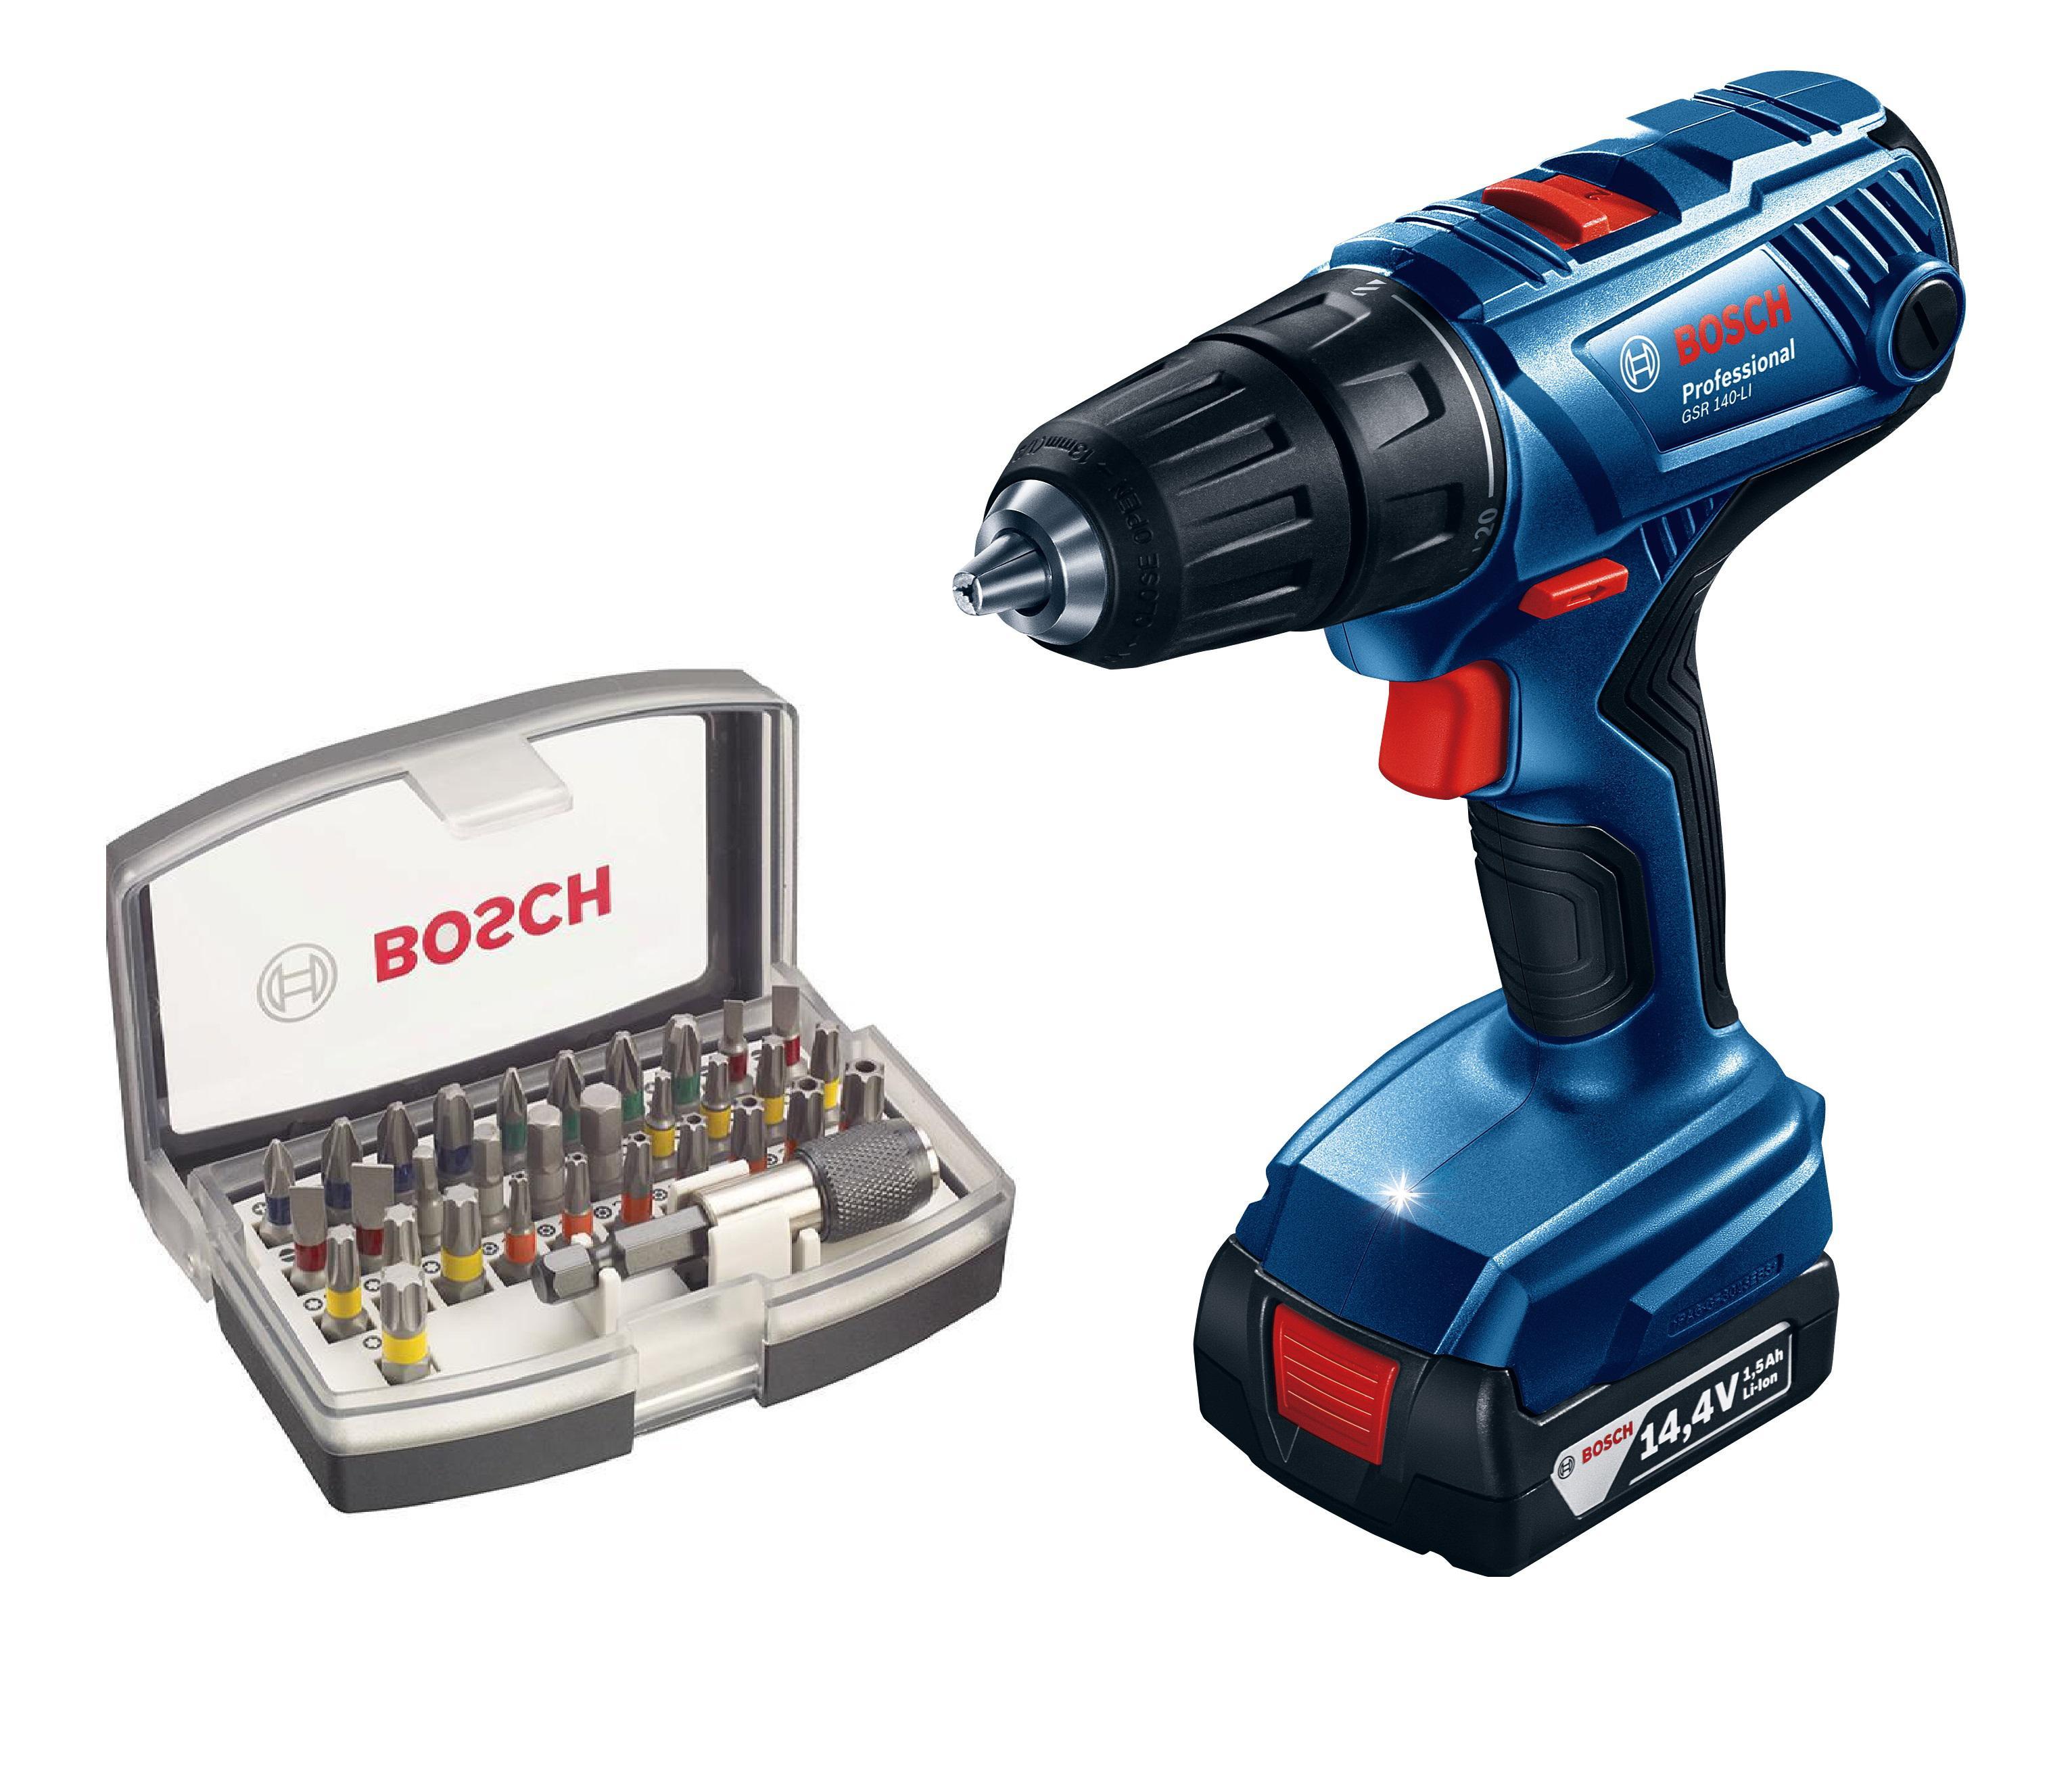 Дрель аккумуляторная Bosch Gsr 140-li (0.601.9f8.020) + Набор бит аккумуляторная дрель шуруповерт bosch gsr 12v 15 fc 2 0ah x2 l boxx 06019f6000